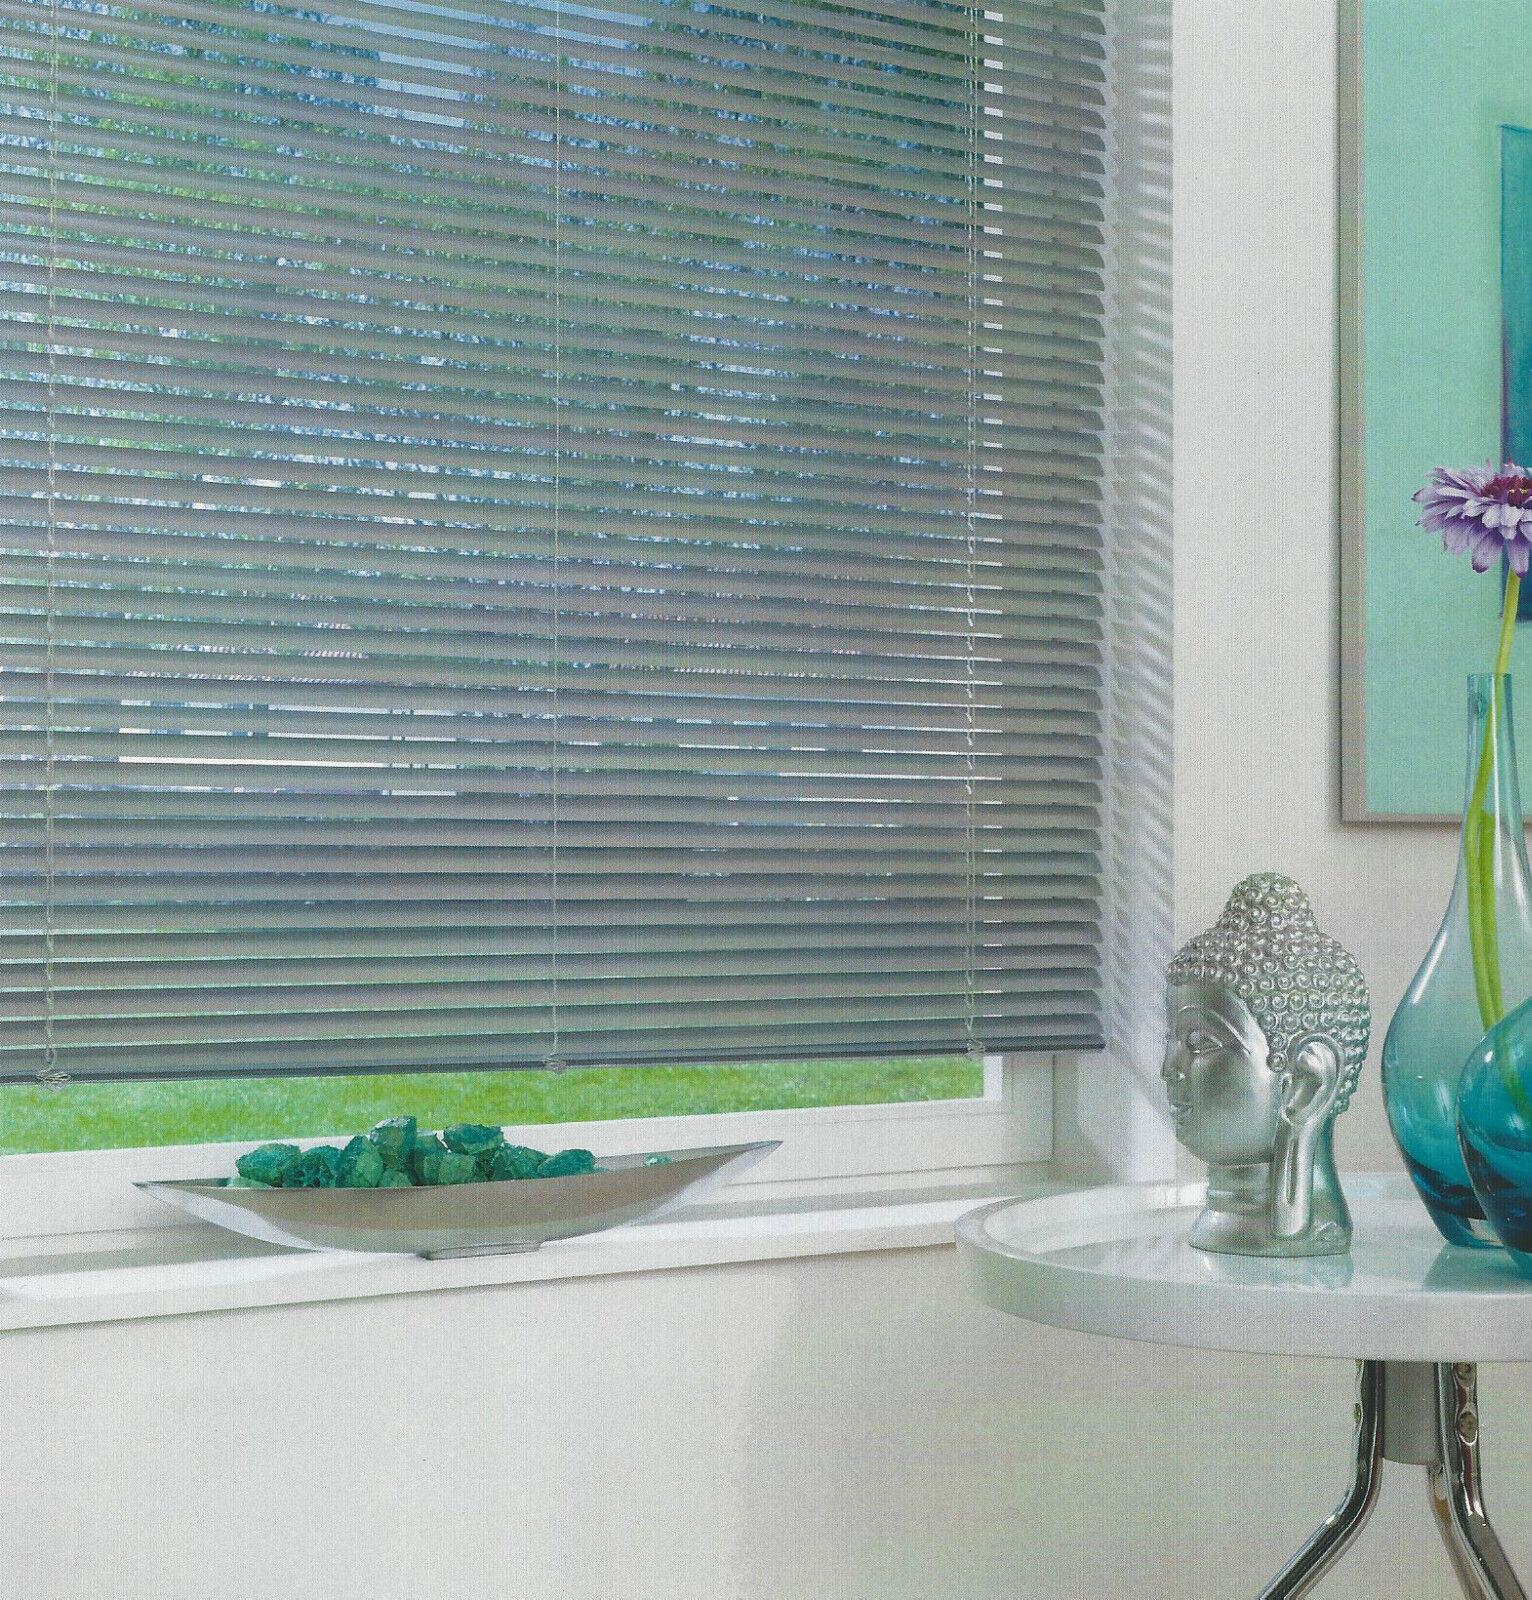 Alu Jalousie Jalousien Fenster Aluminium Lamellen Rollo Jalousette 11 Farben | Bekannt für seine hervorragende Qualität